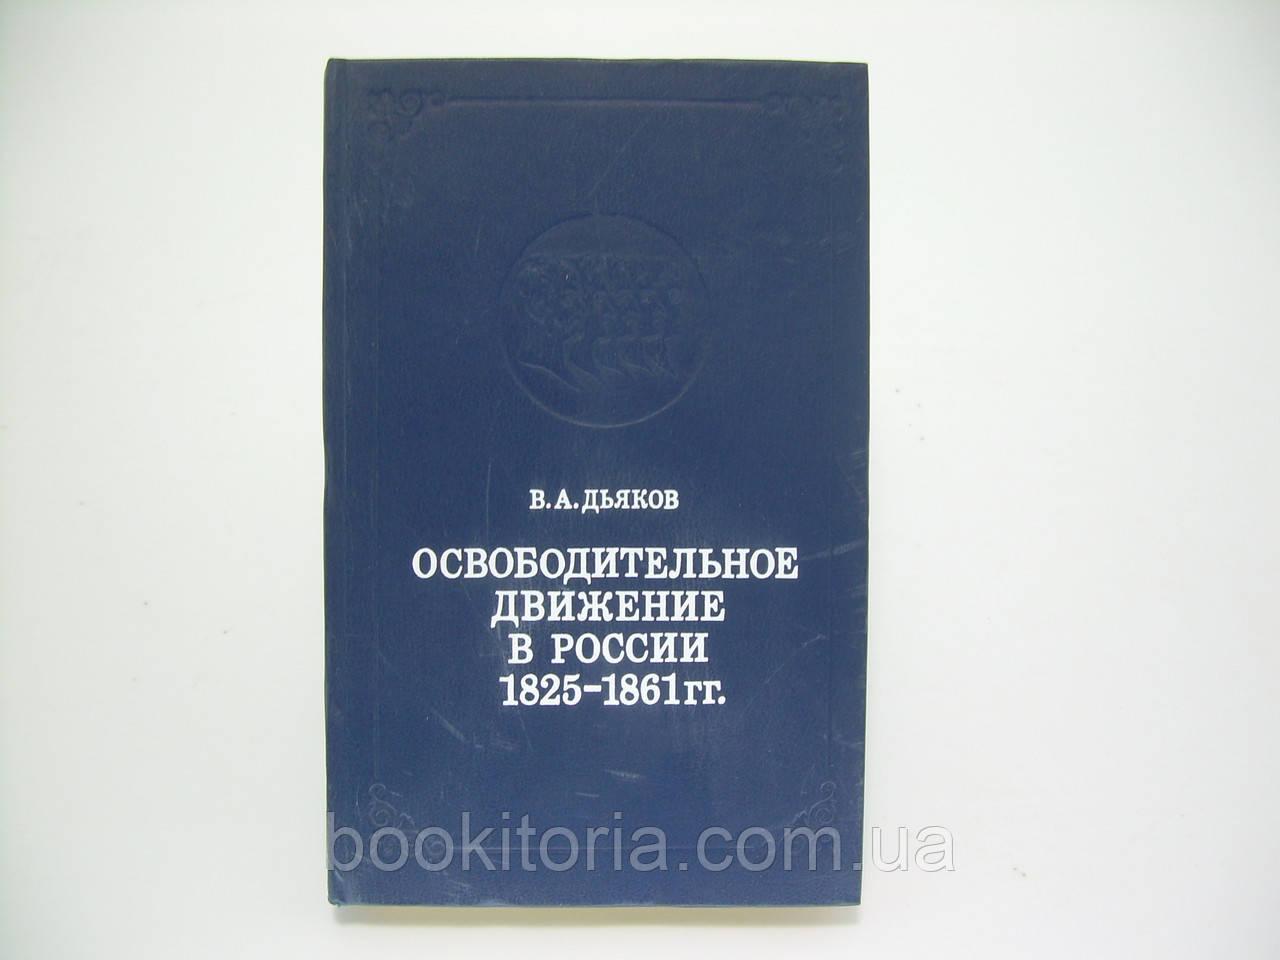 Дьяков В.А. Освободительное движение в России 1825-1861гг. (б/у).